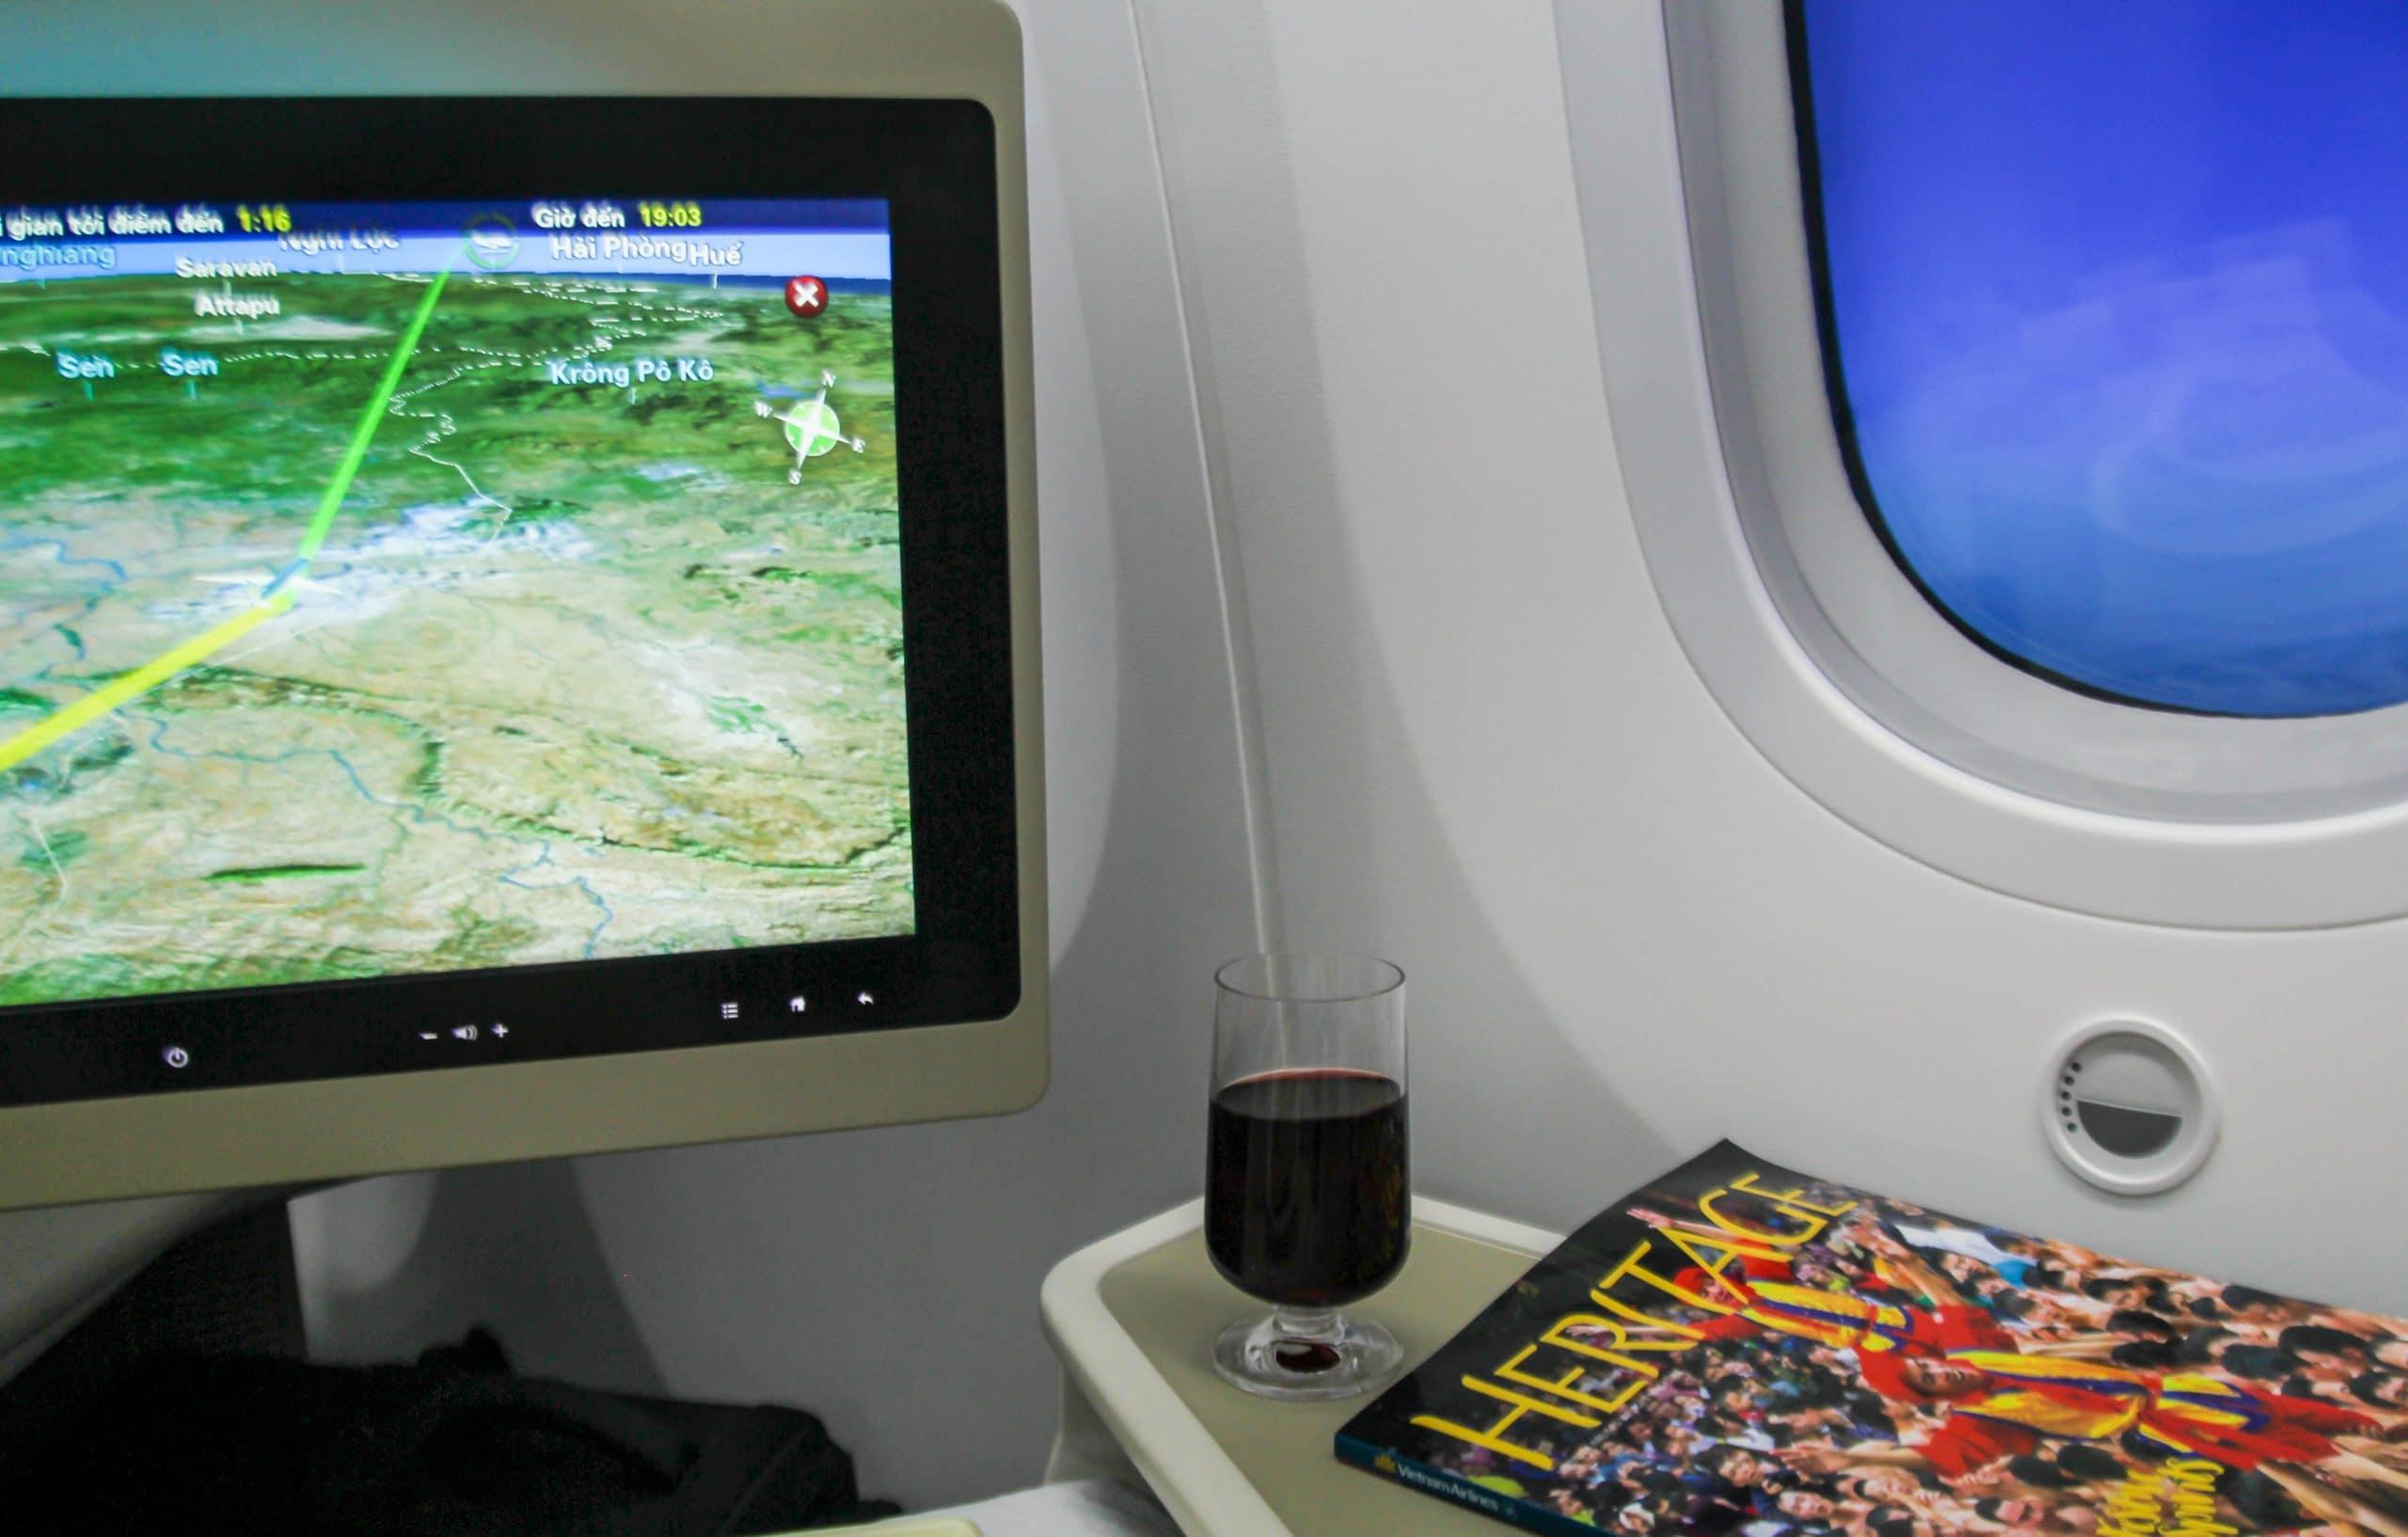 28- Ấn phẩm trên máy bay – Trần Bá Ân